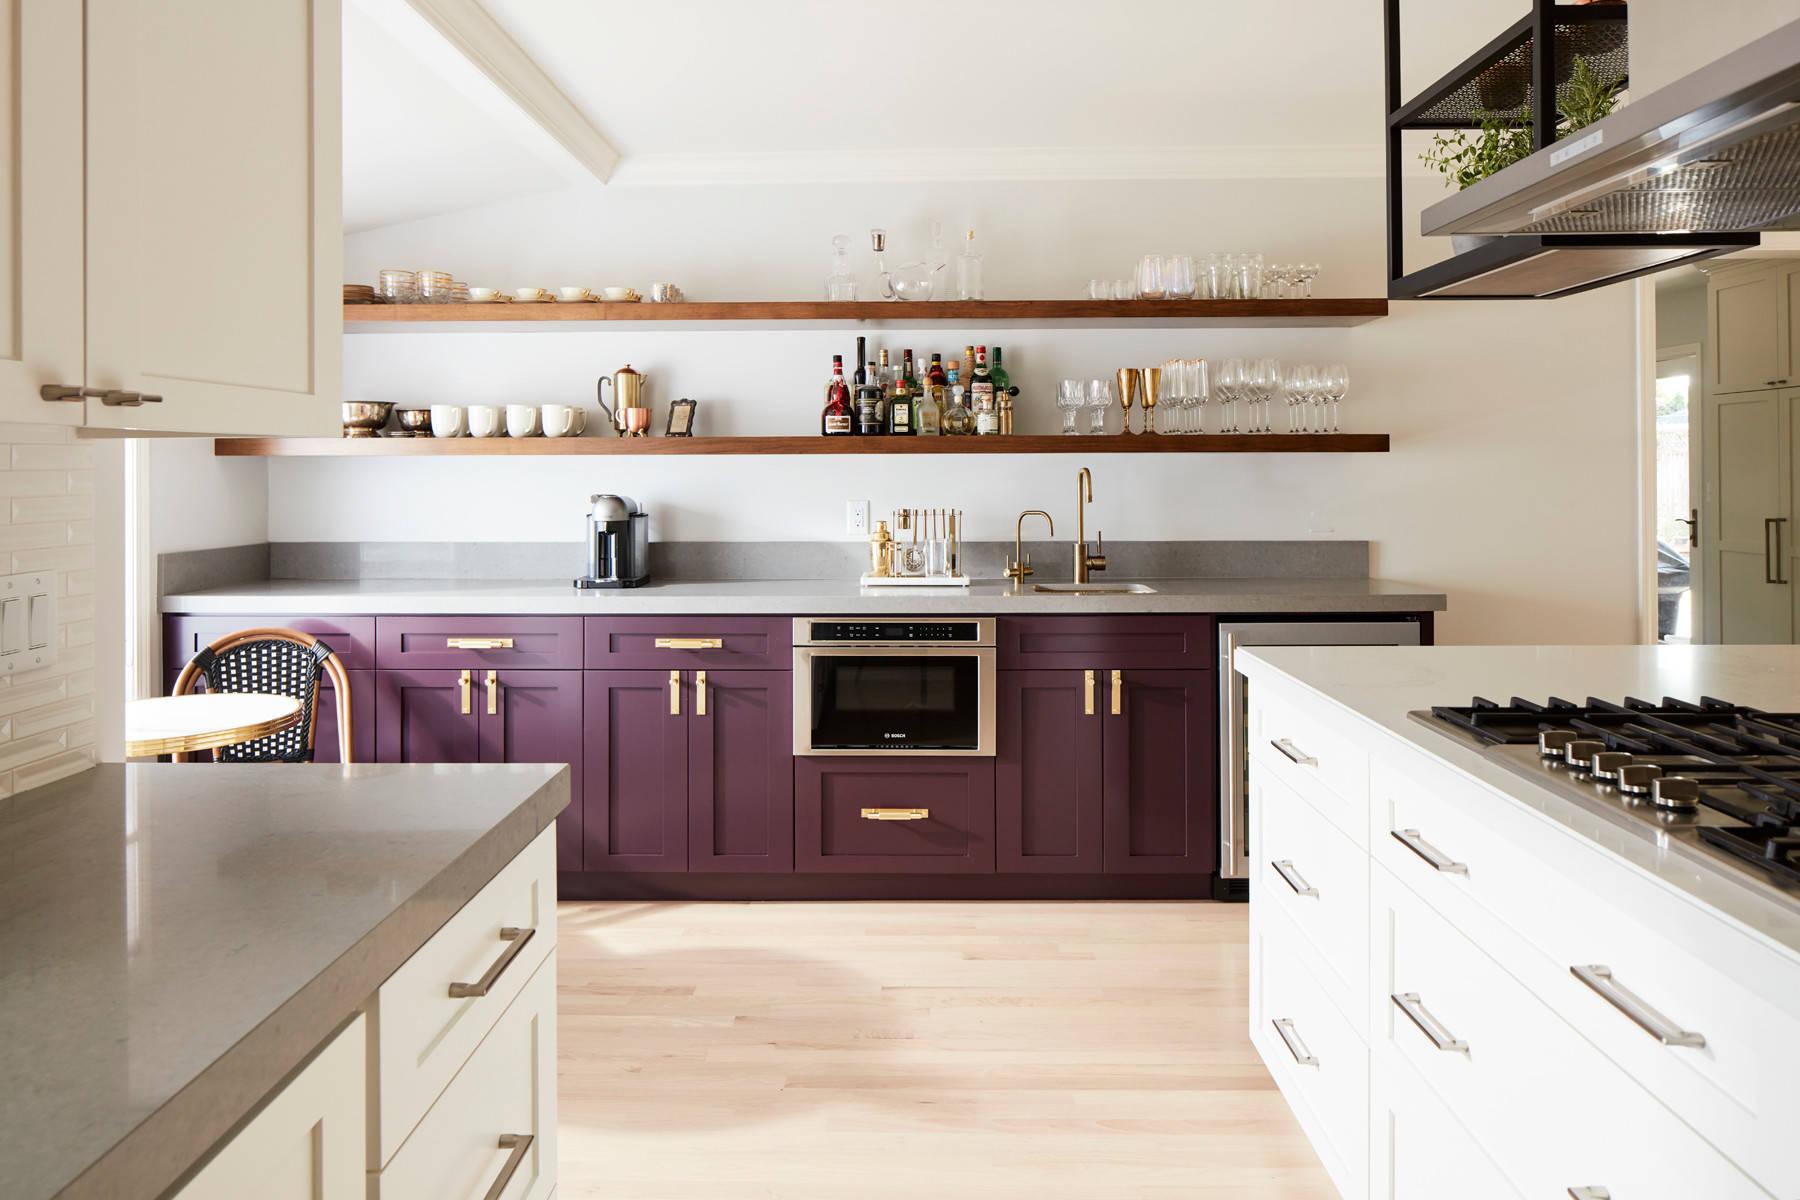 Cuisine spacieuse et lumineuse aux accents chaleureux d'aubergine ne vous laissera pas indifférent